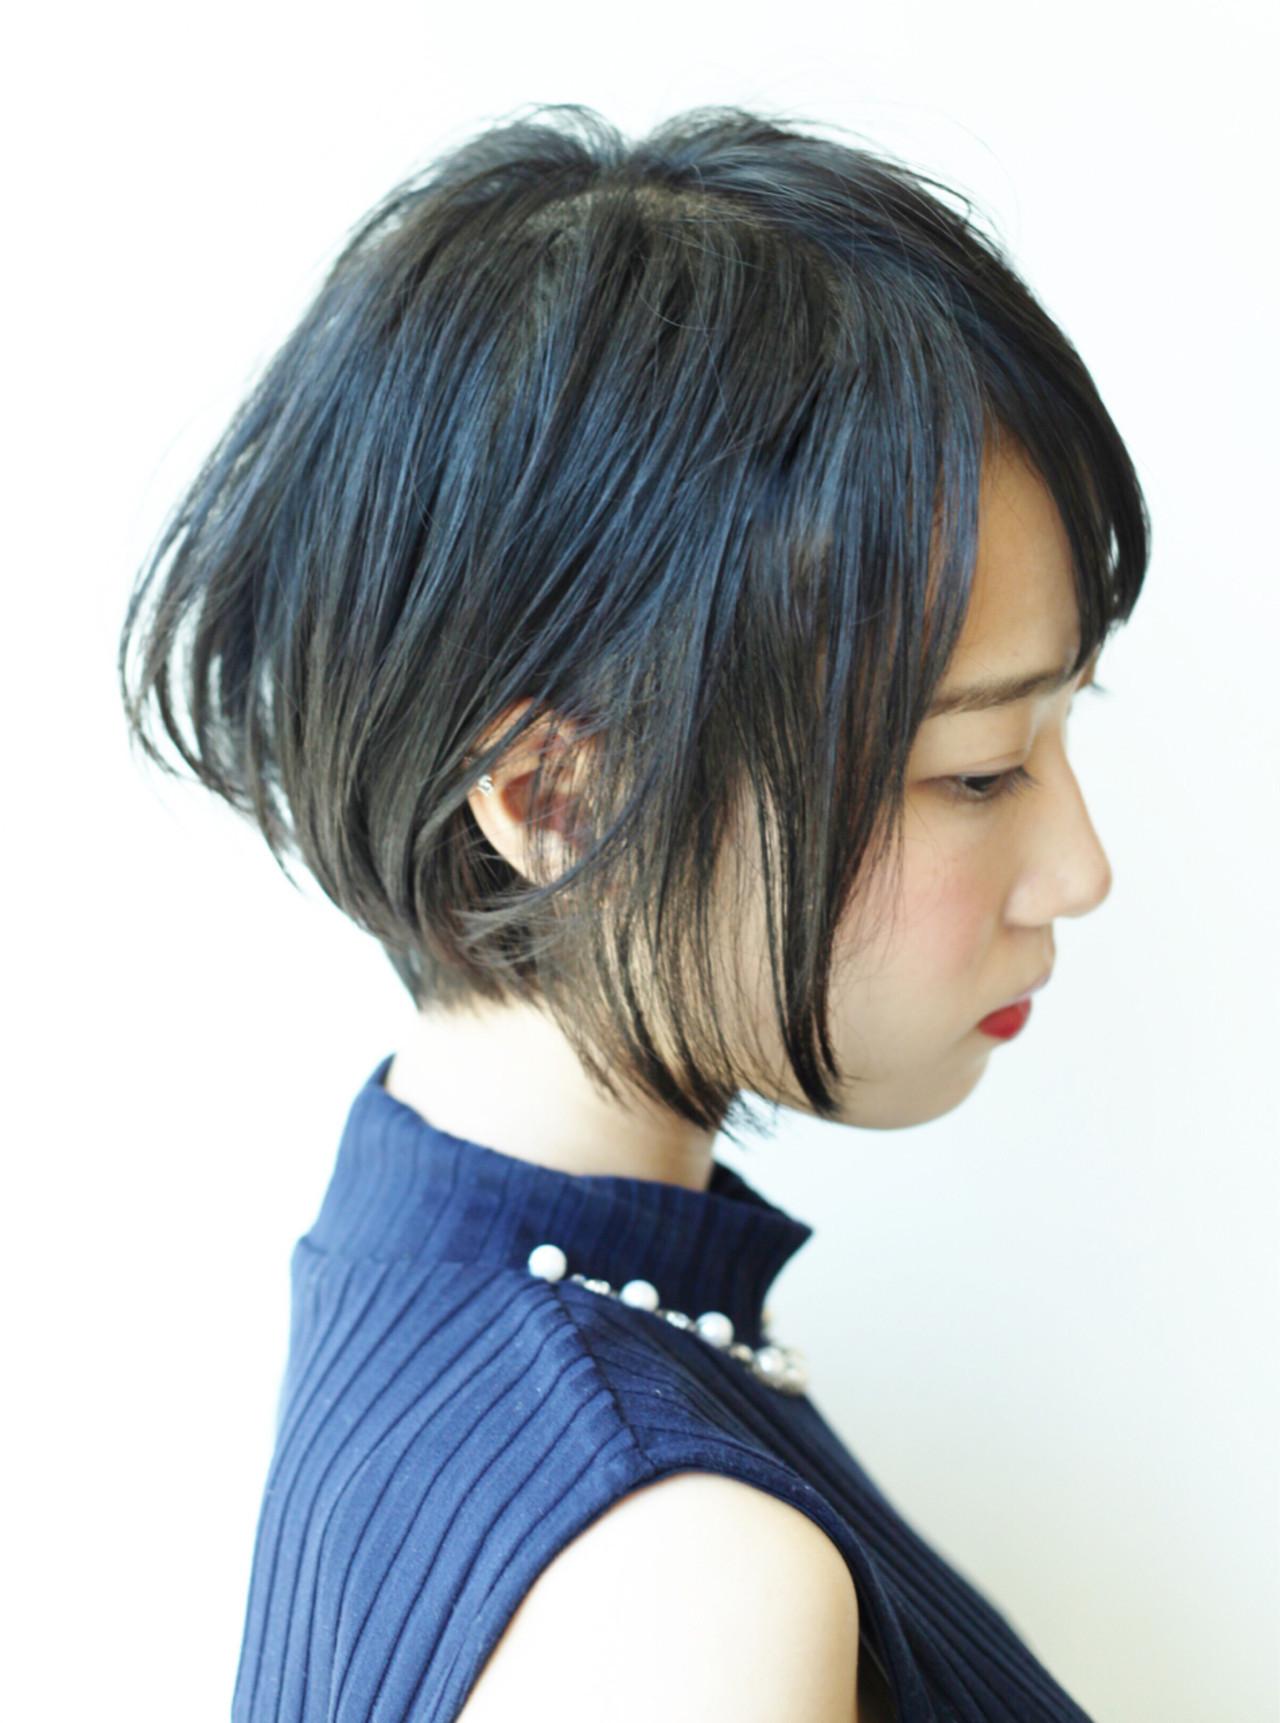 コンサバ系女子にピッタリ☆前下がり髪型似合わせヘア Hiro【morio London】